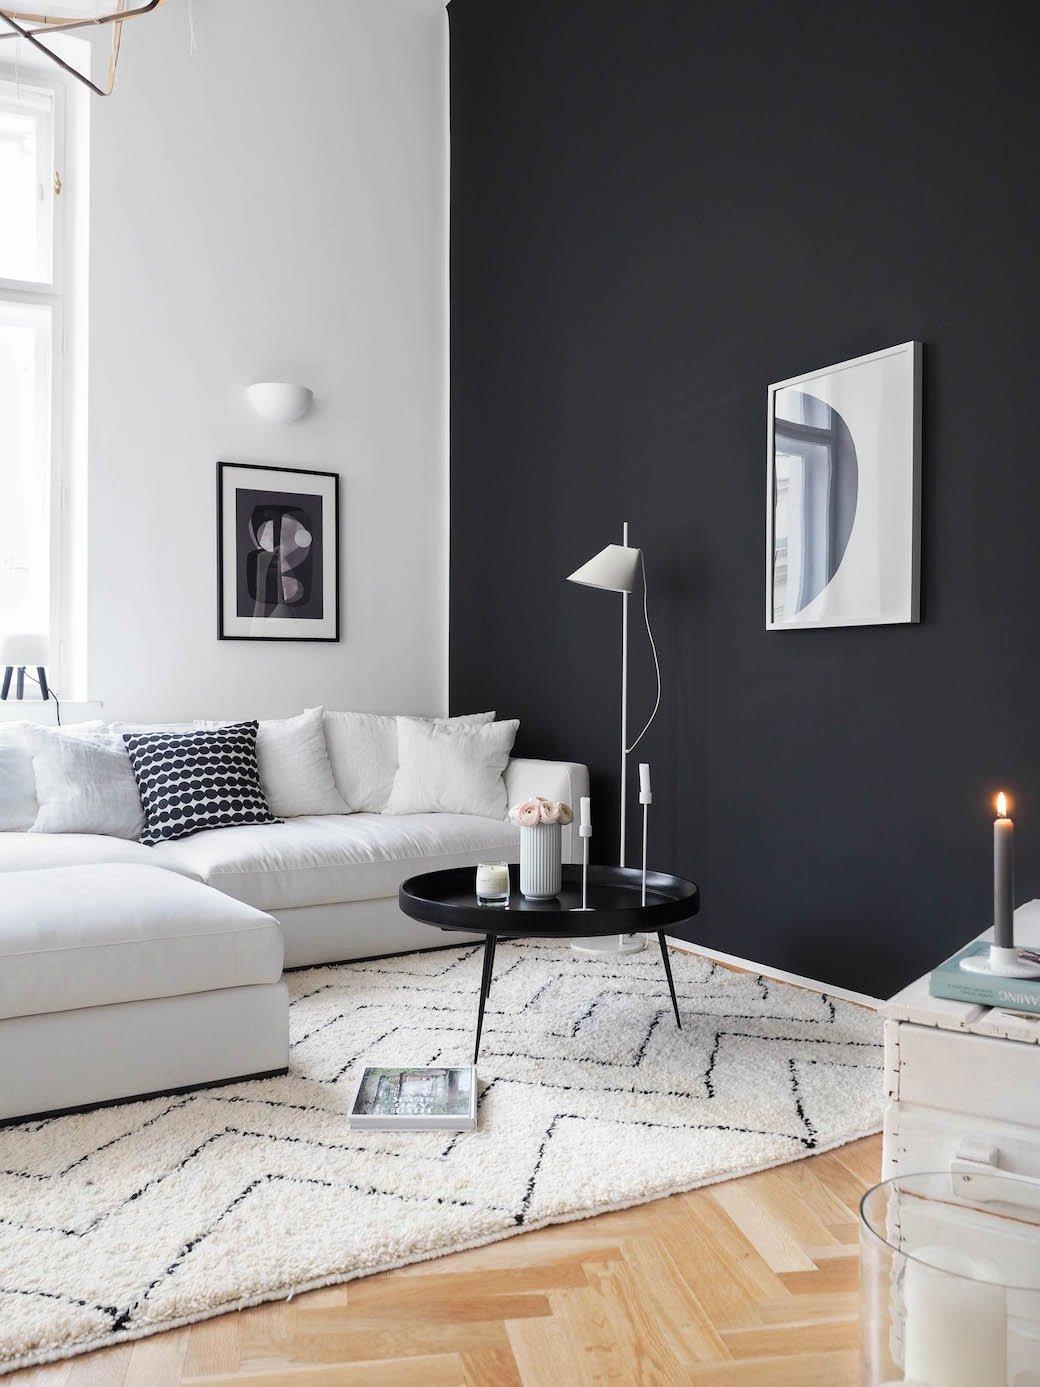 salon minimaliste scandinave blanc noir marron bois parquet textile peinture budget d co style. Black Bedroom Furniture Sets. Home Design Ideas